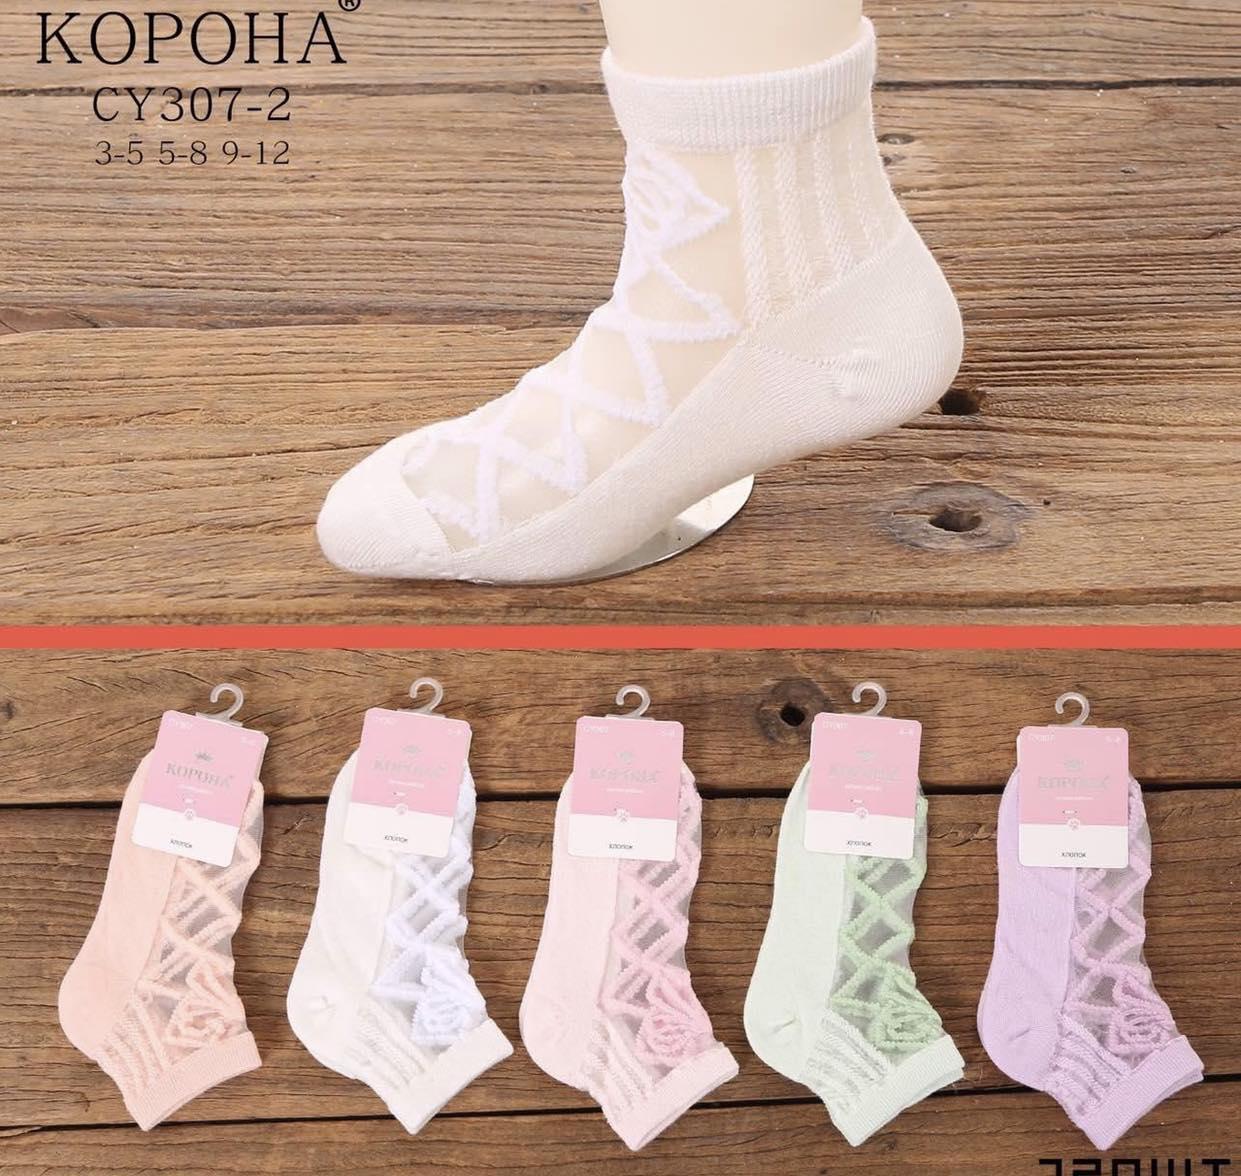 Дитячі шкарпетки Корона сіточка 3-5, 6-8 ,9-12 років Бавовна